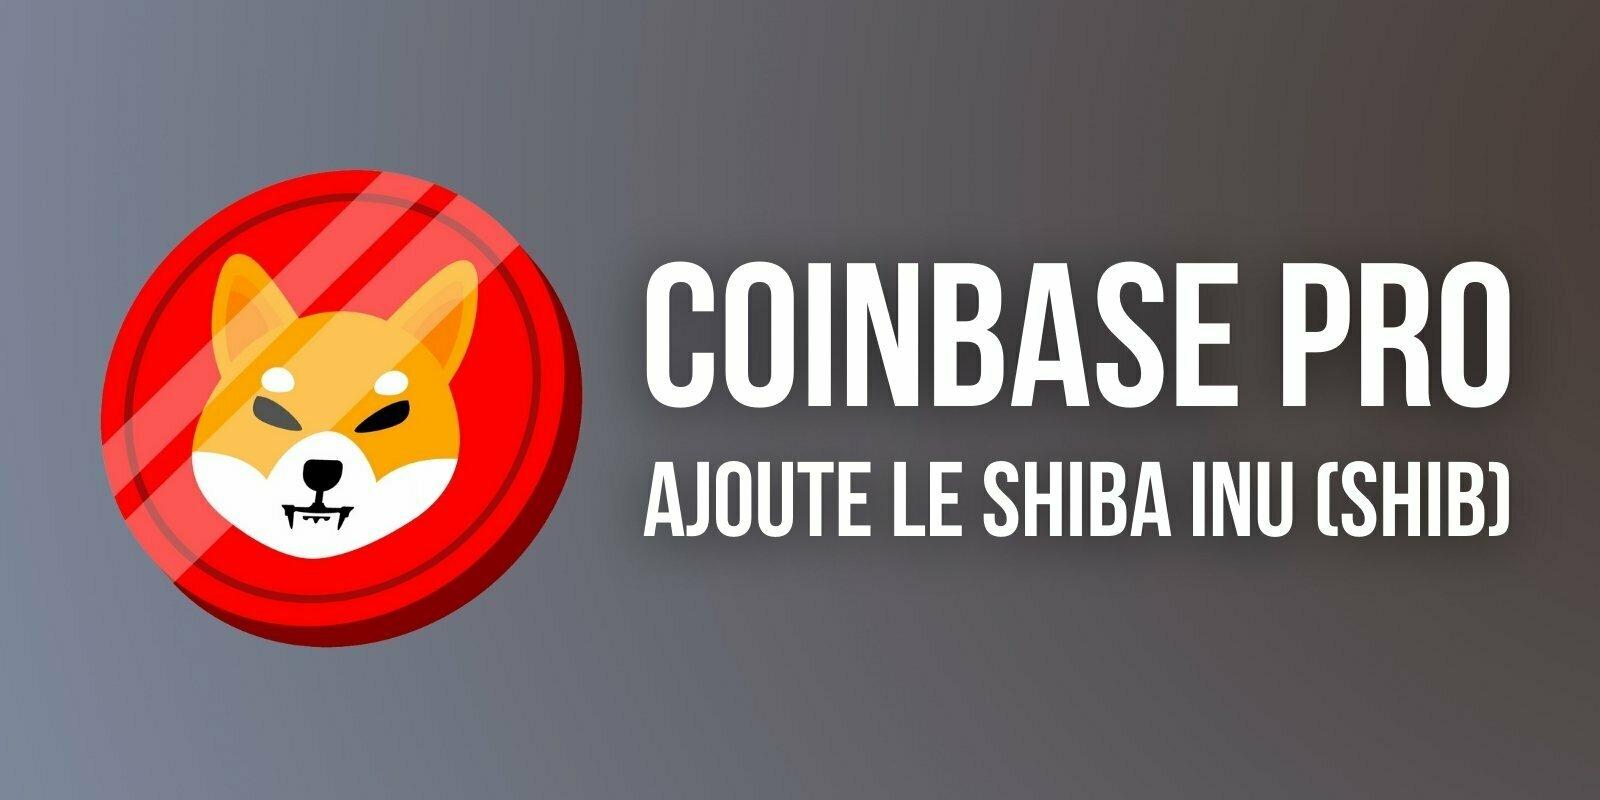 Après un premier échec, Coinbase Pro ajoute le memecoin Shiba Inu (SHIB)